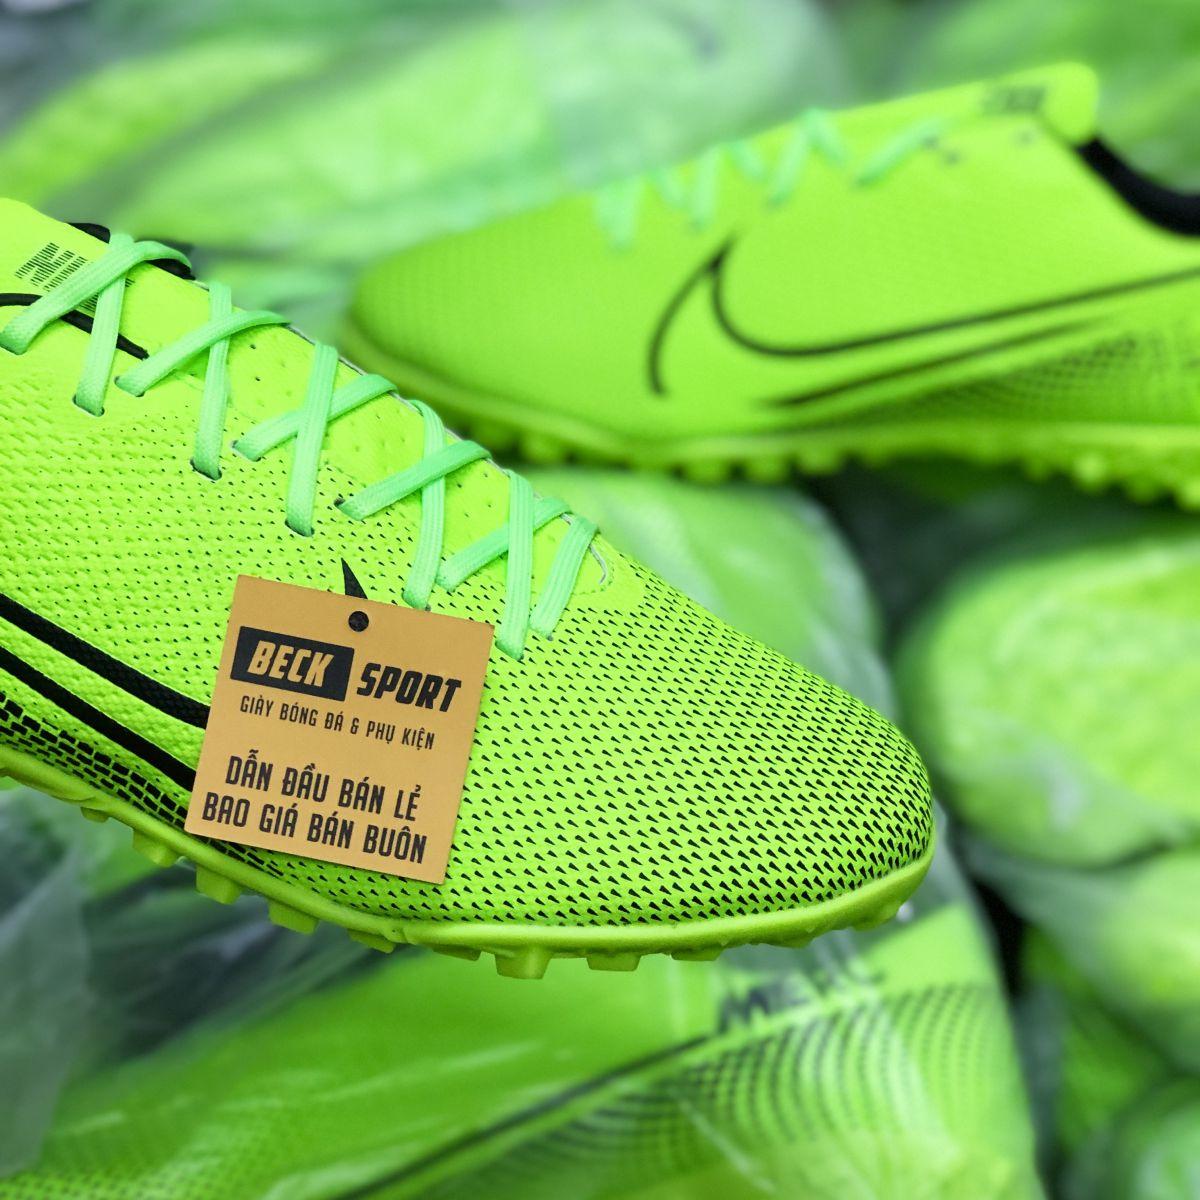 Giày Bóng Đá Nike Mercurial 13 Academy Xanh Lá Vạch Đen TF